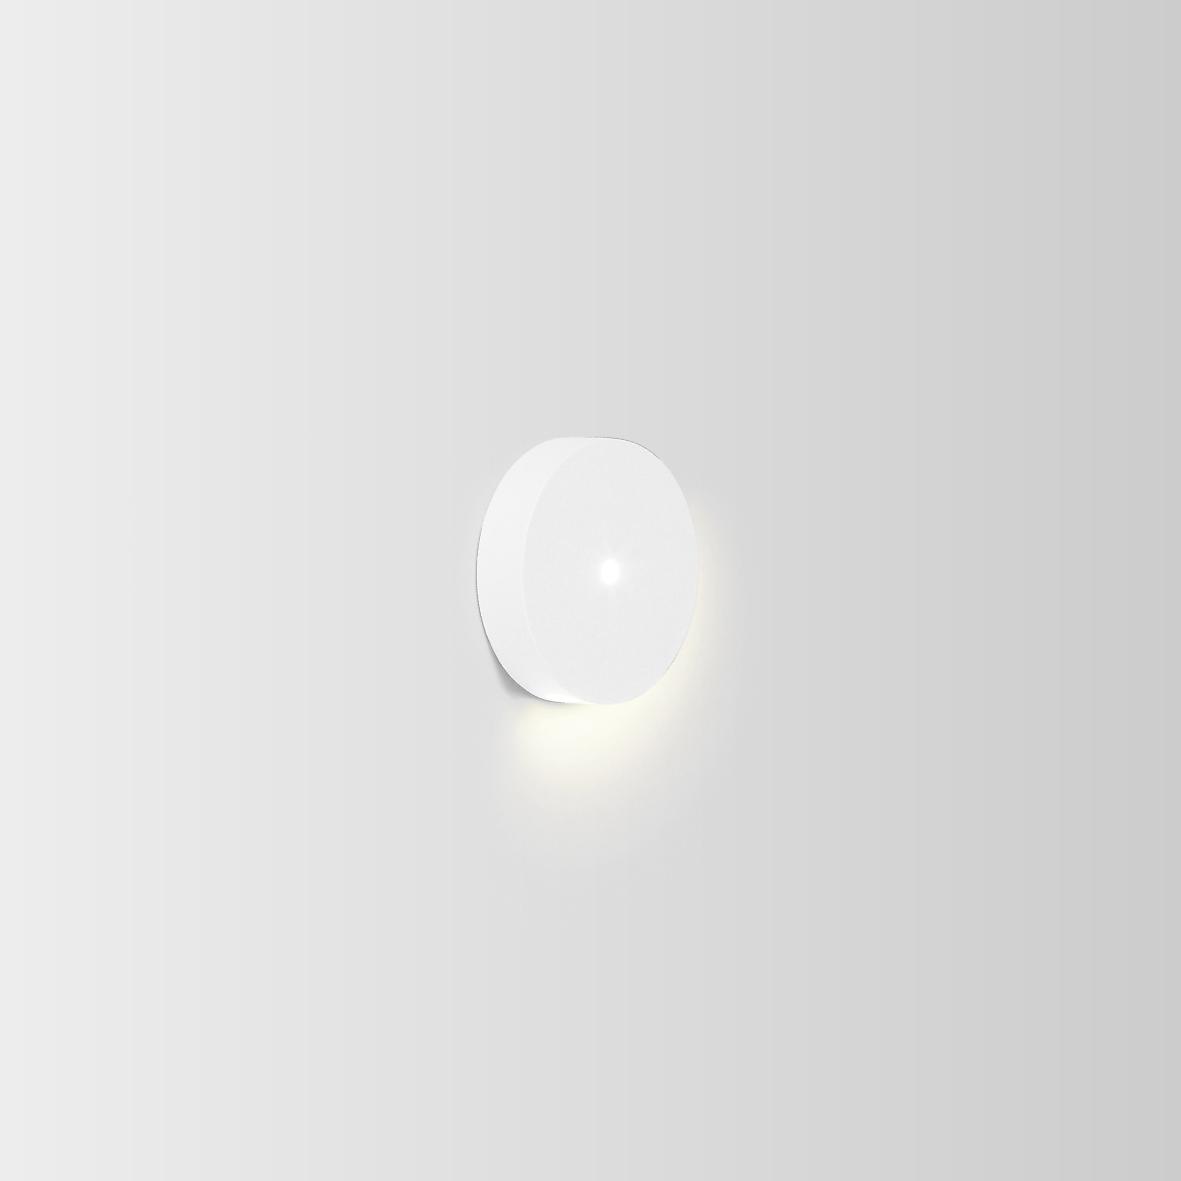 EYE 1.0 LED 3000K VALGE 1/2W 80CRI 350-700mA